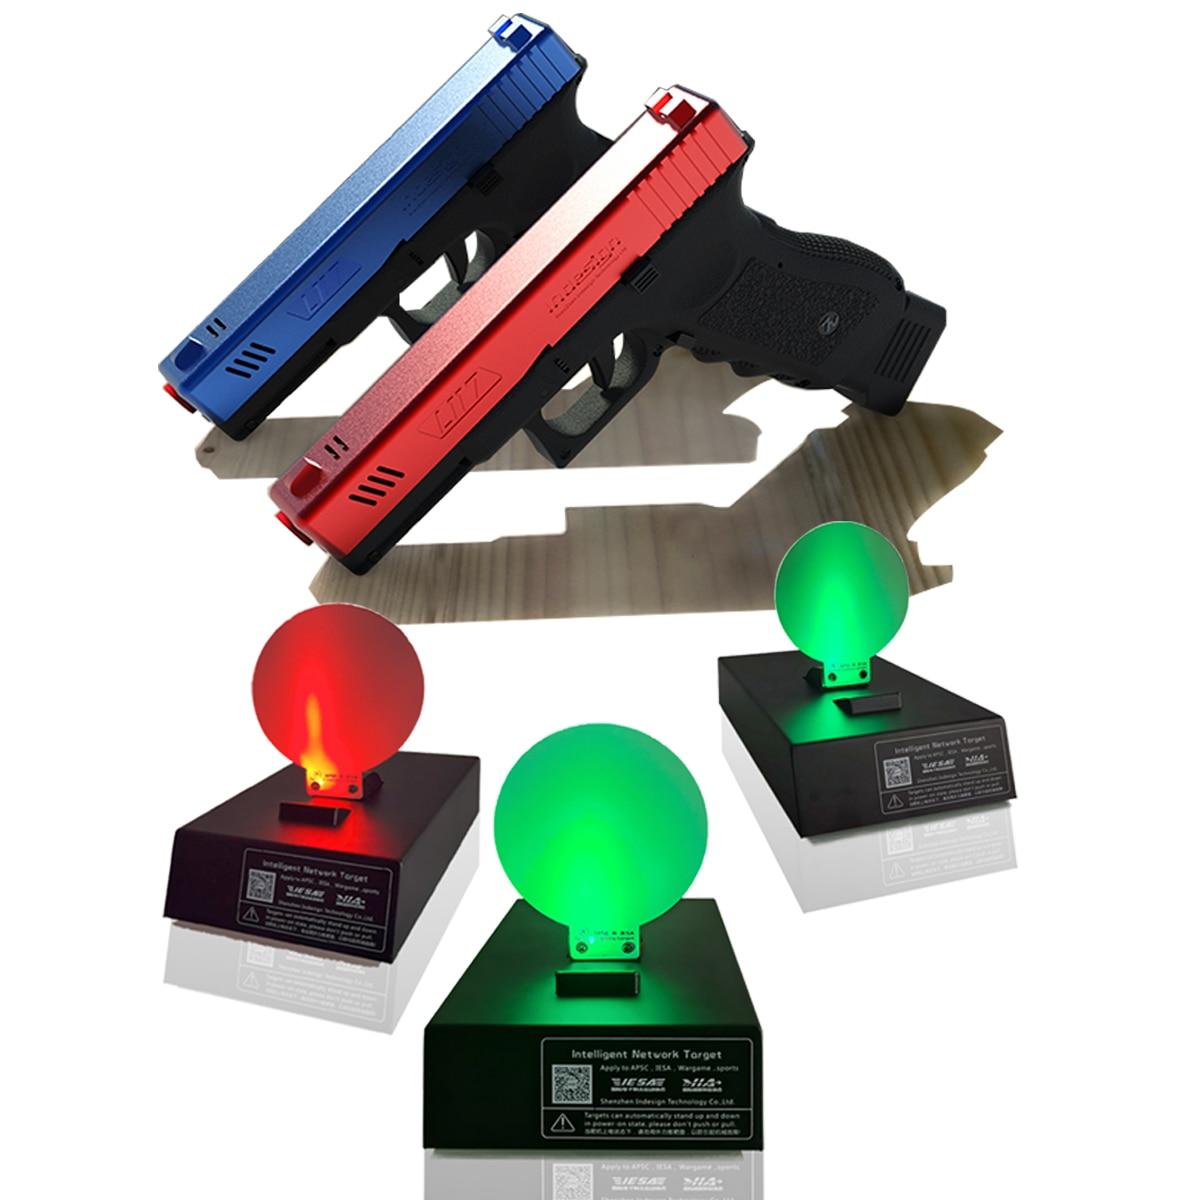 Принадлежности для Пейнтбольного ружья для страйкбола, пневматического ружья Pcp, пневматическая винтовка, оборудование для пейнтбола, мише...